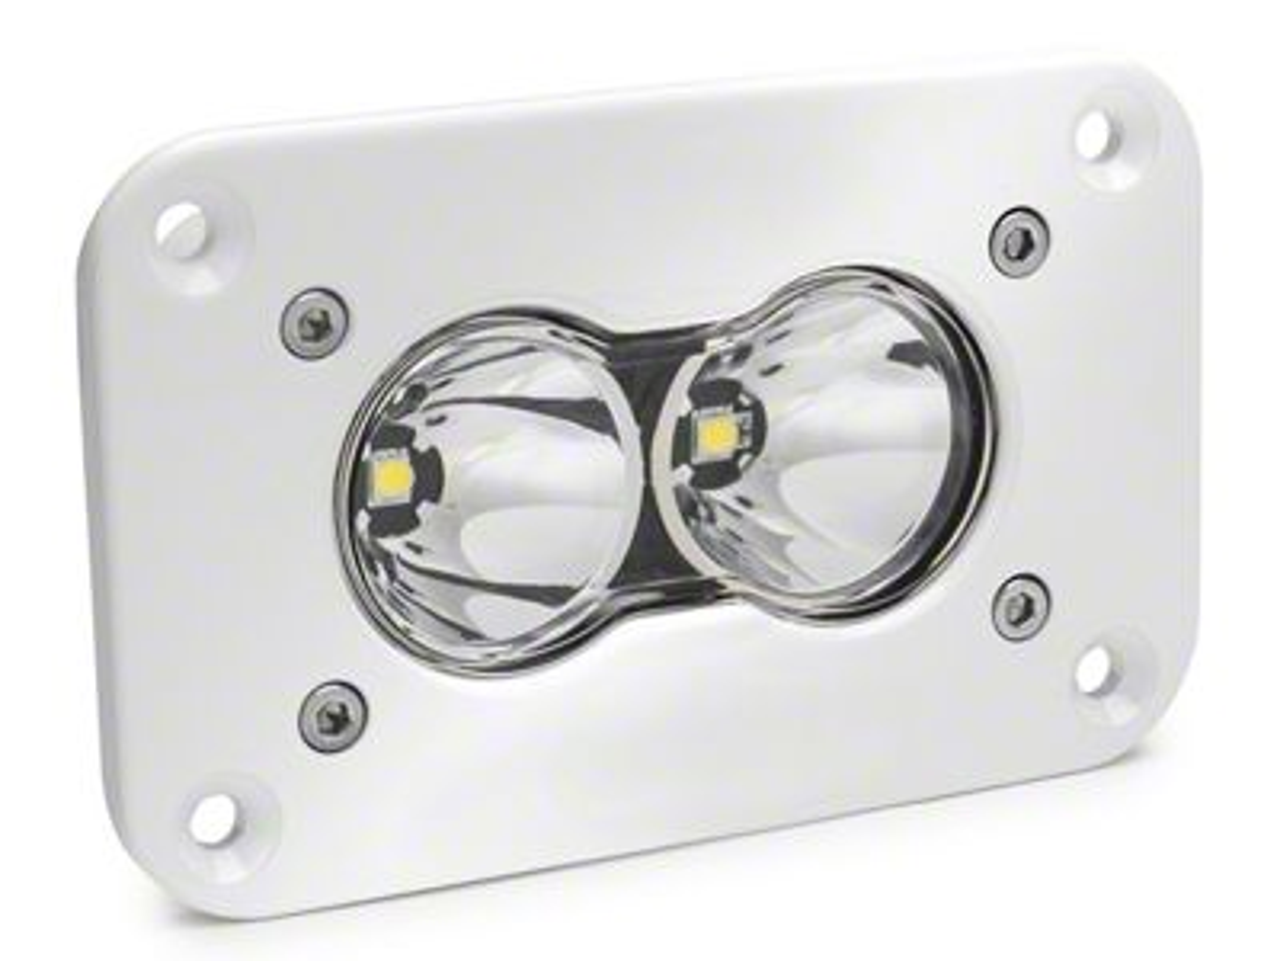 Baja Designs S2 Pro White Flush Mount LED Light - Spot Beam